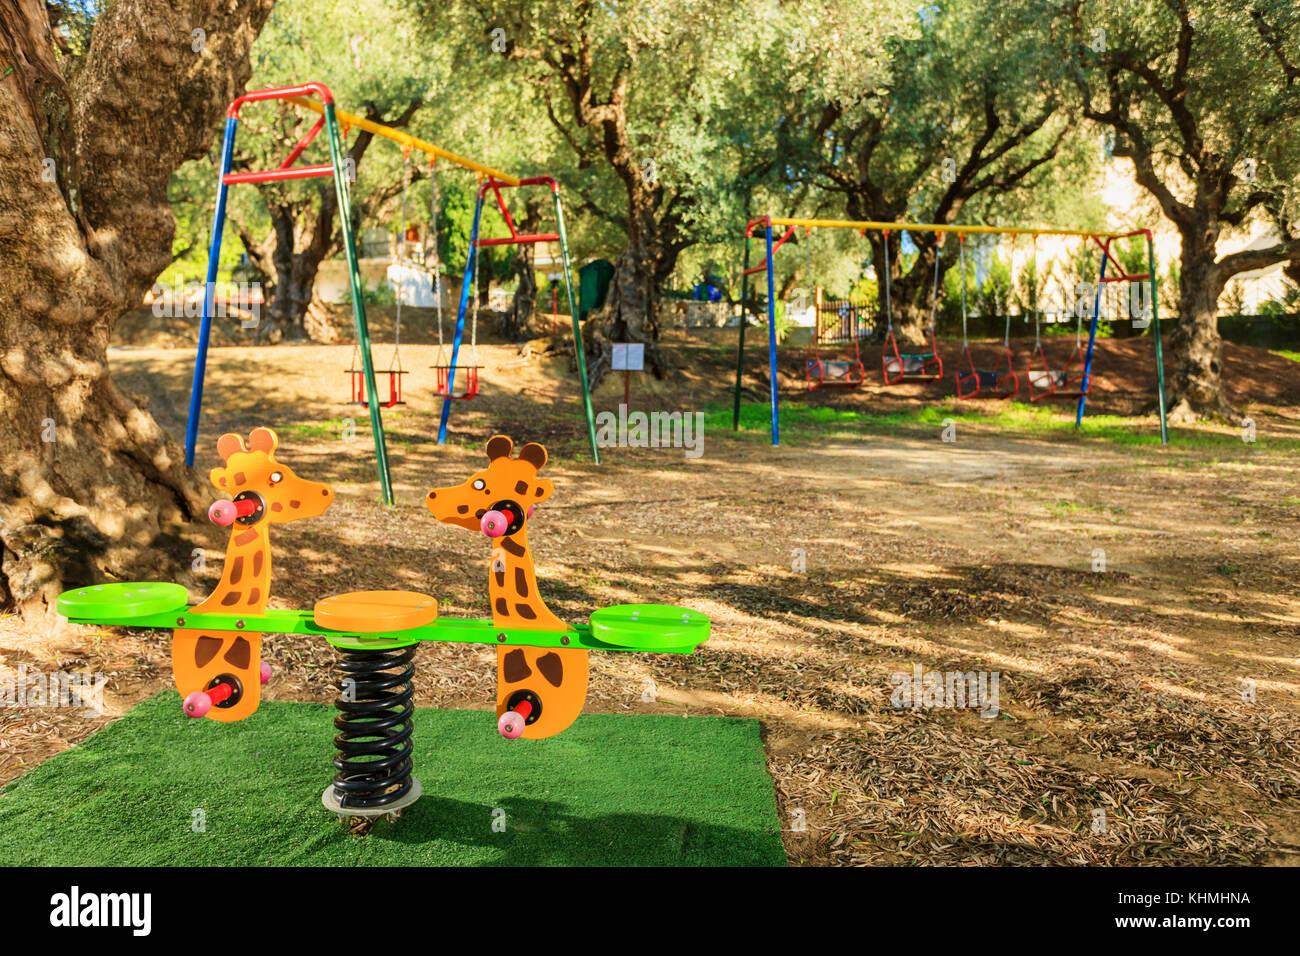 Giochi Per Bambini In Giardino moderno parco giochi per bambini in un bellissimo giardino